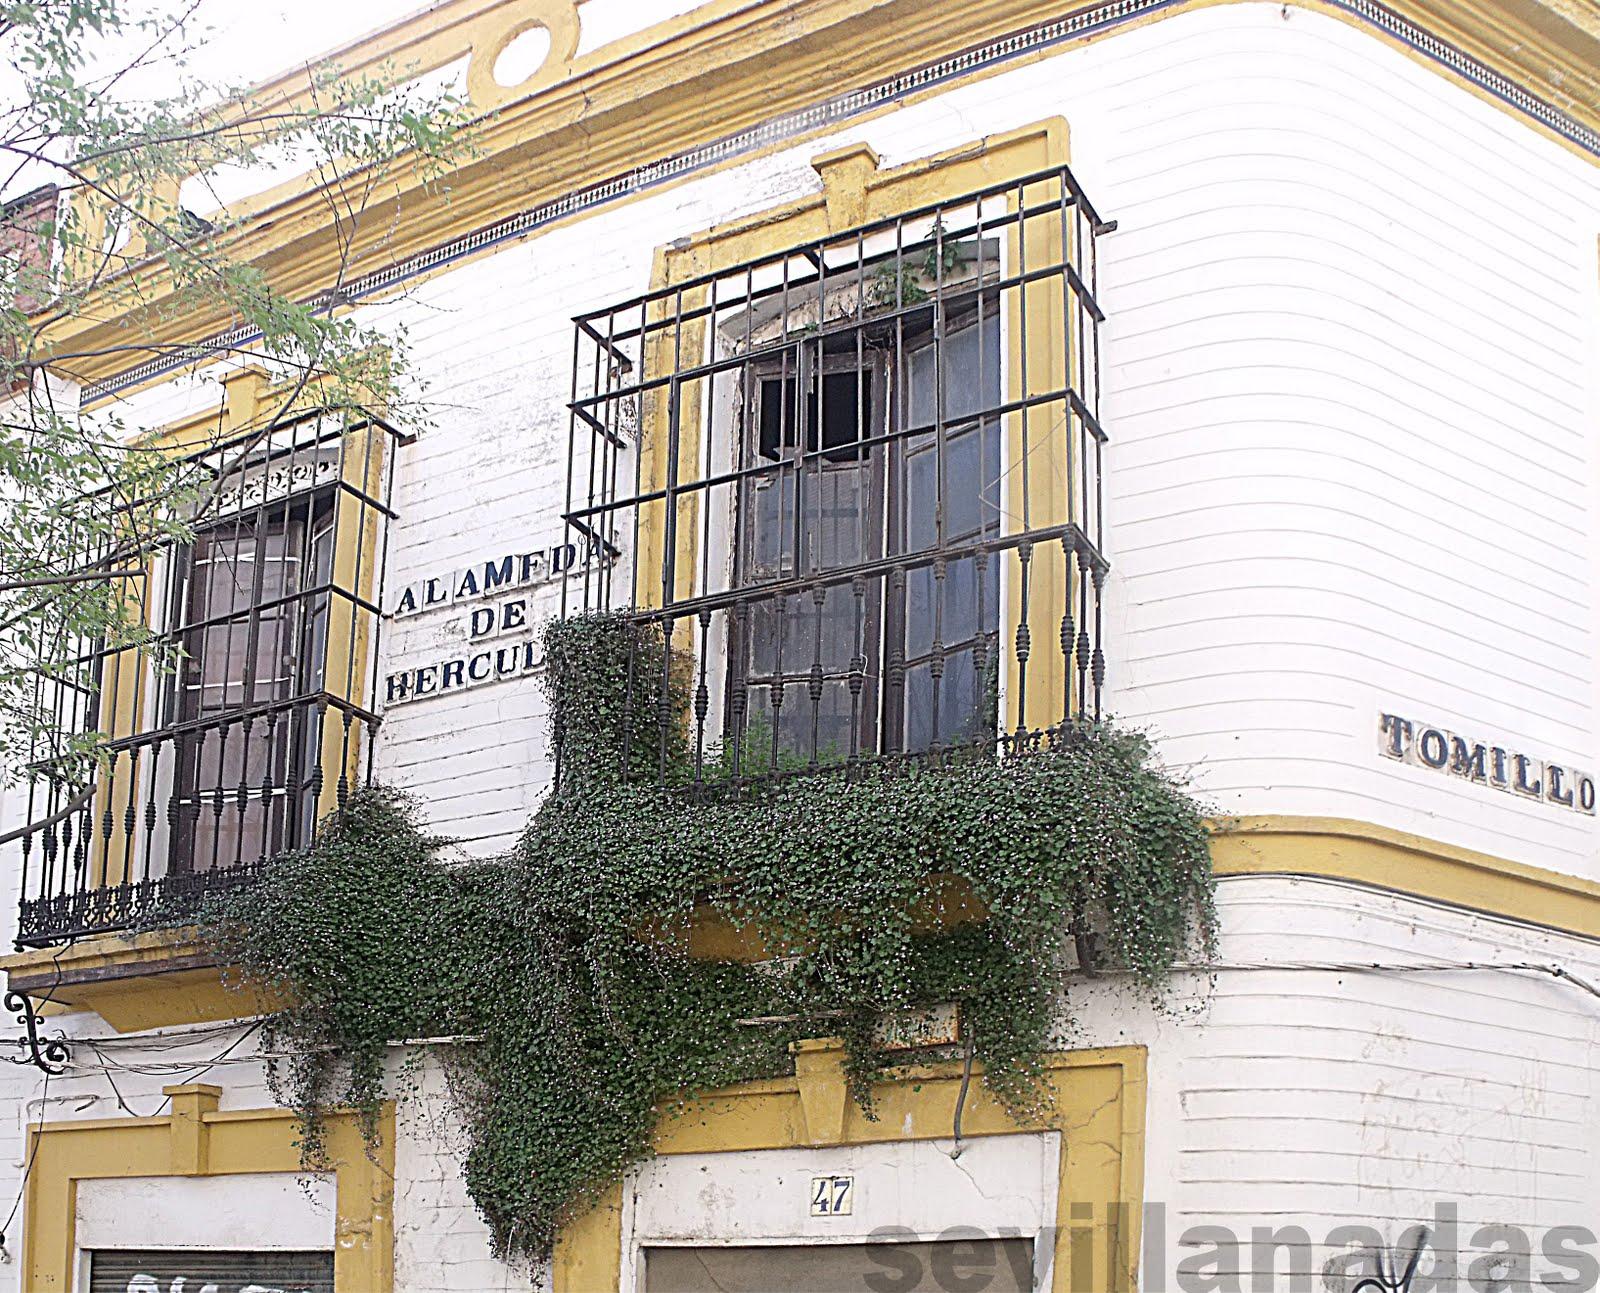 Sevilla en estampas jardines colgantes - Jardines de hercules sevilla ...